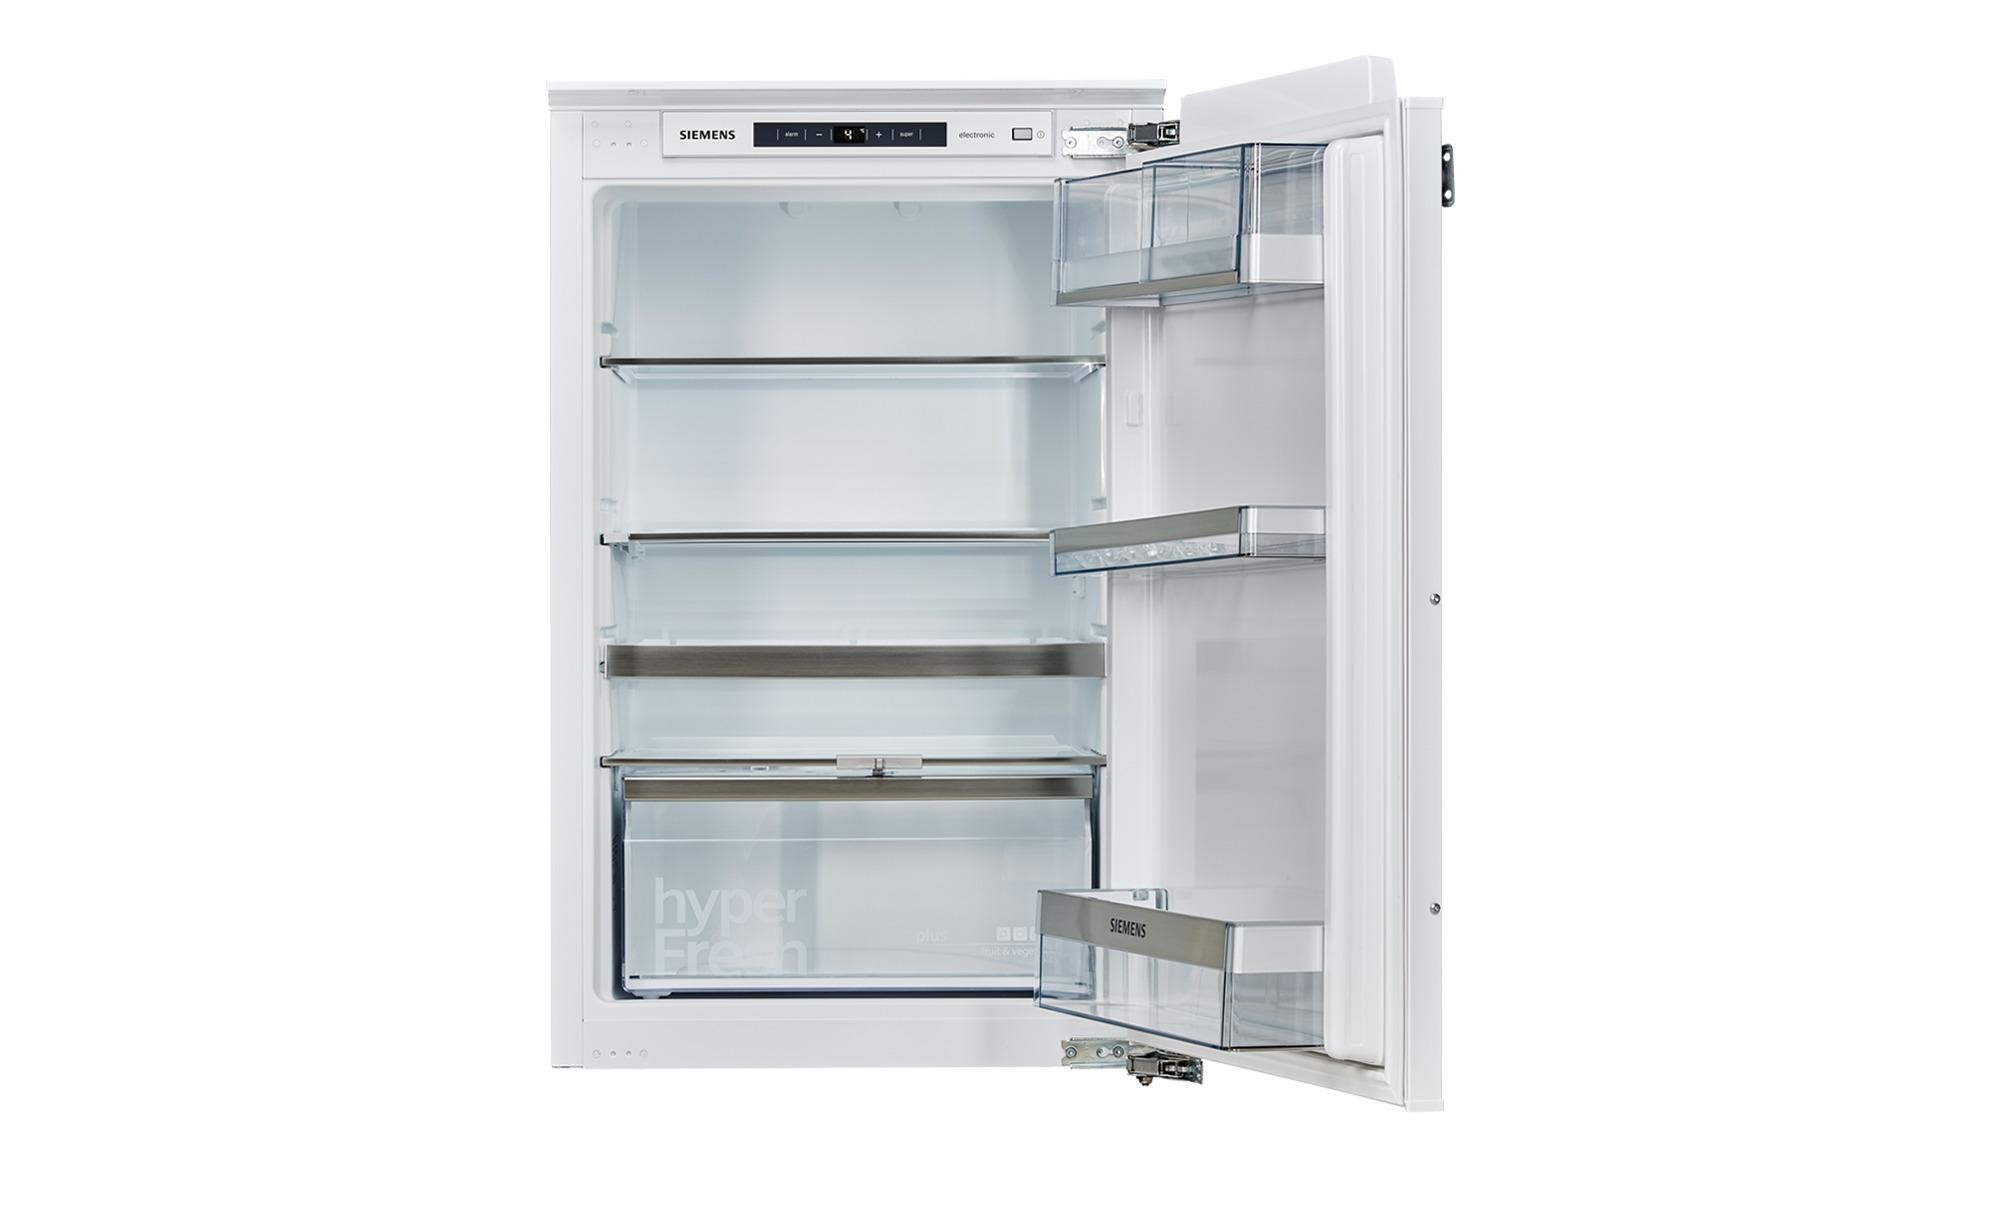 Siemens Unterbau Kühlschrank : Siemens einbau kühlschrank ki rad bei möbel kraft online